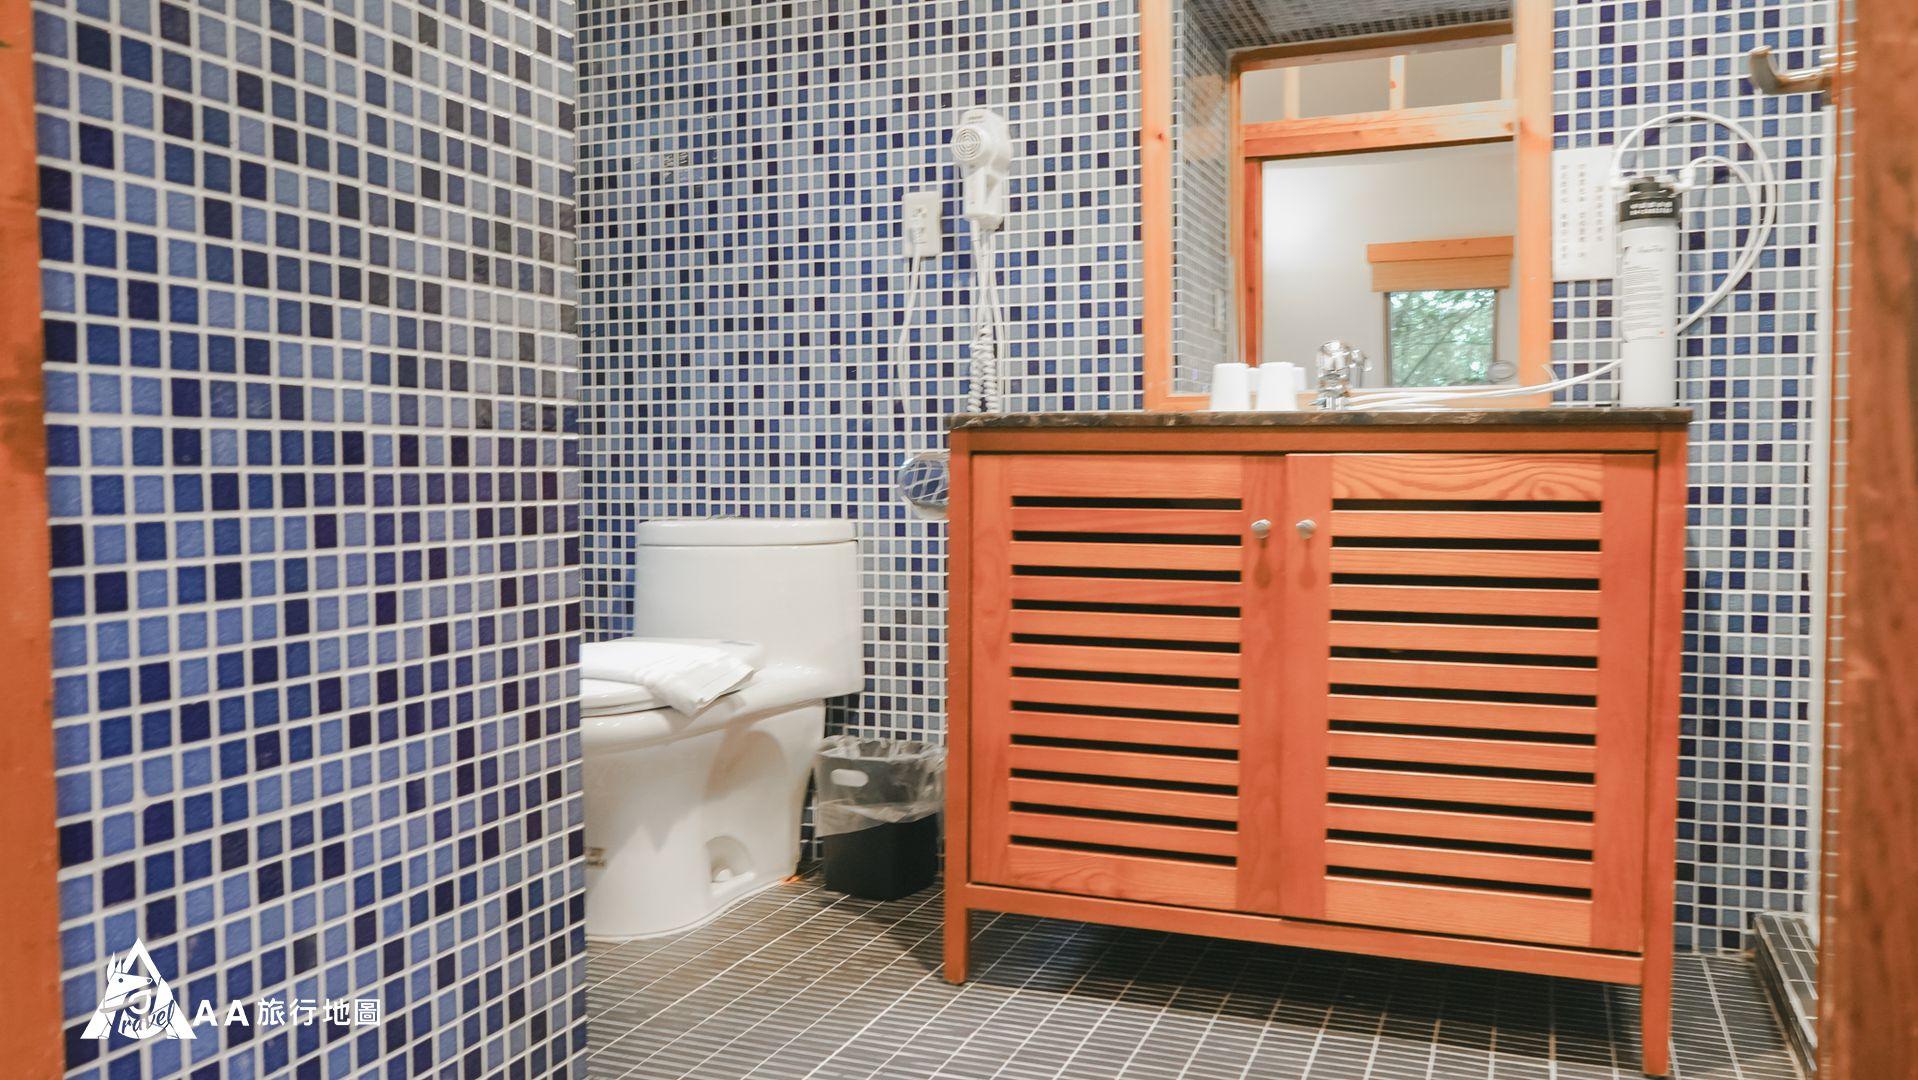 鳳凰亭序 浴廁的空間很大,感覺非常舒適